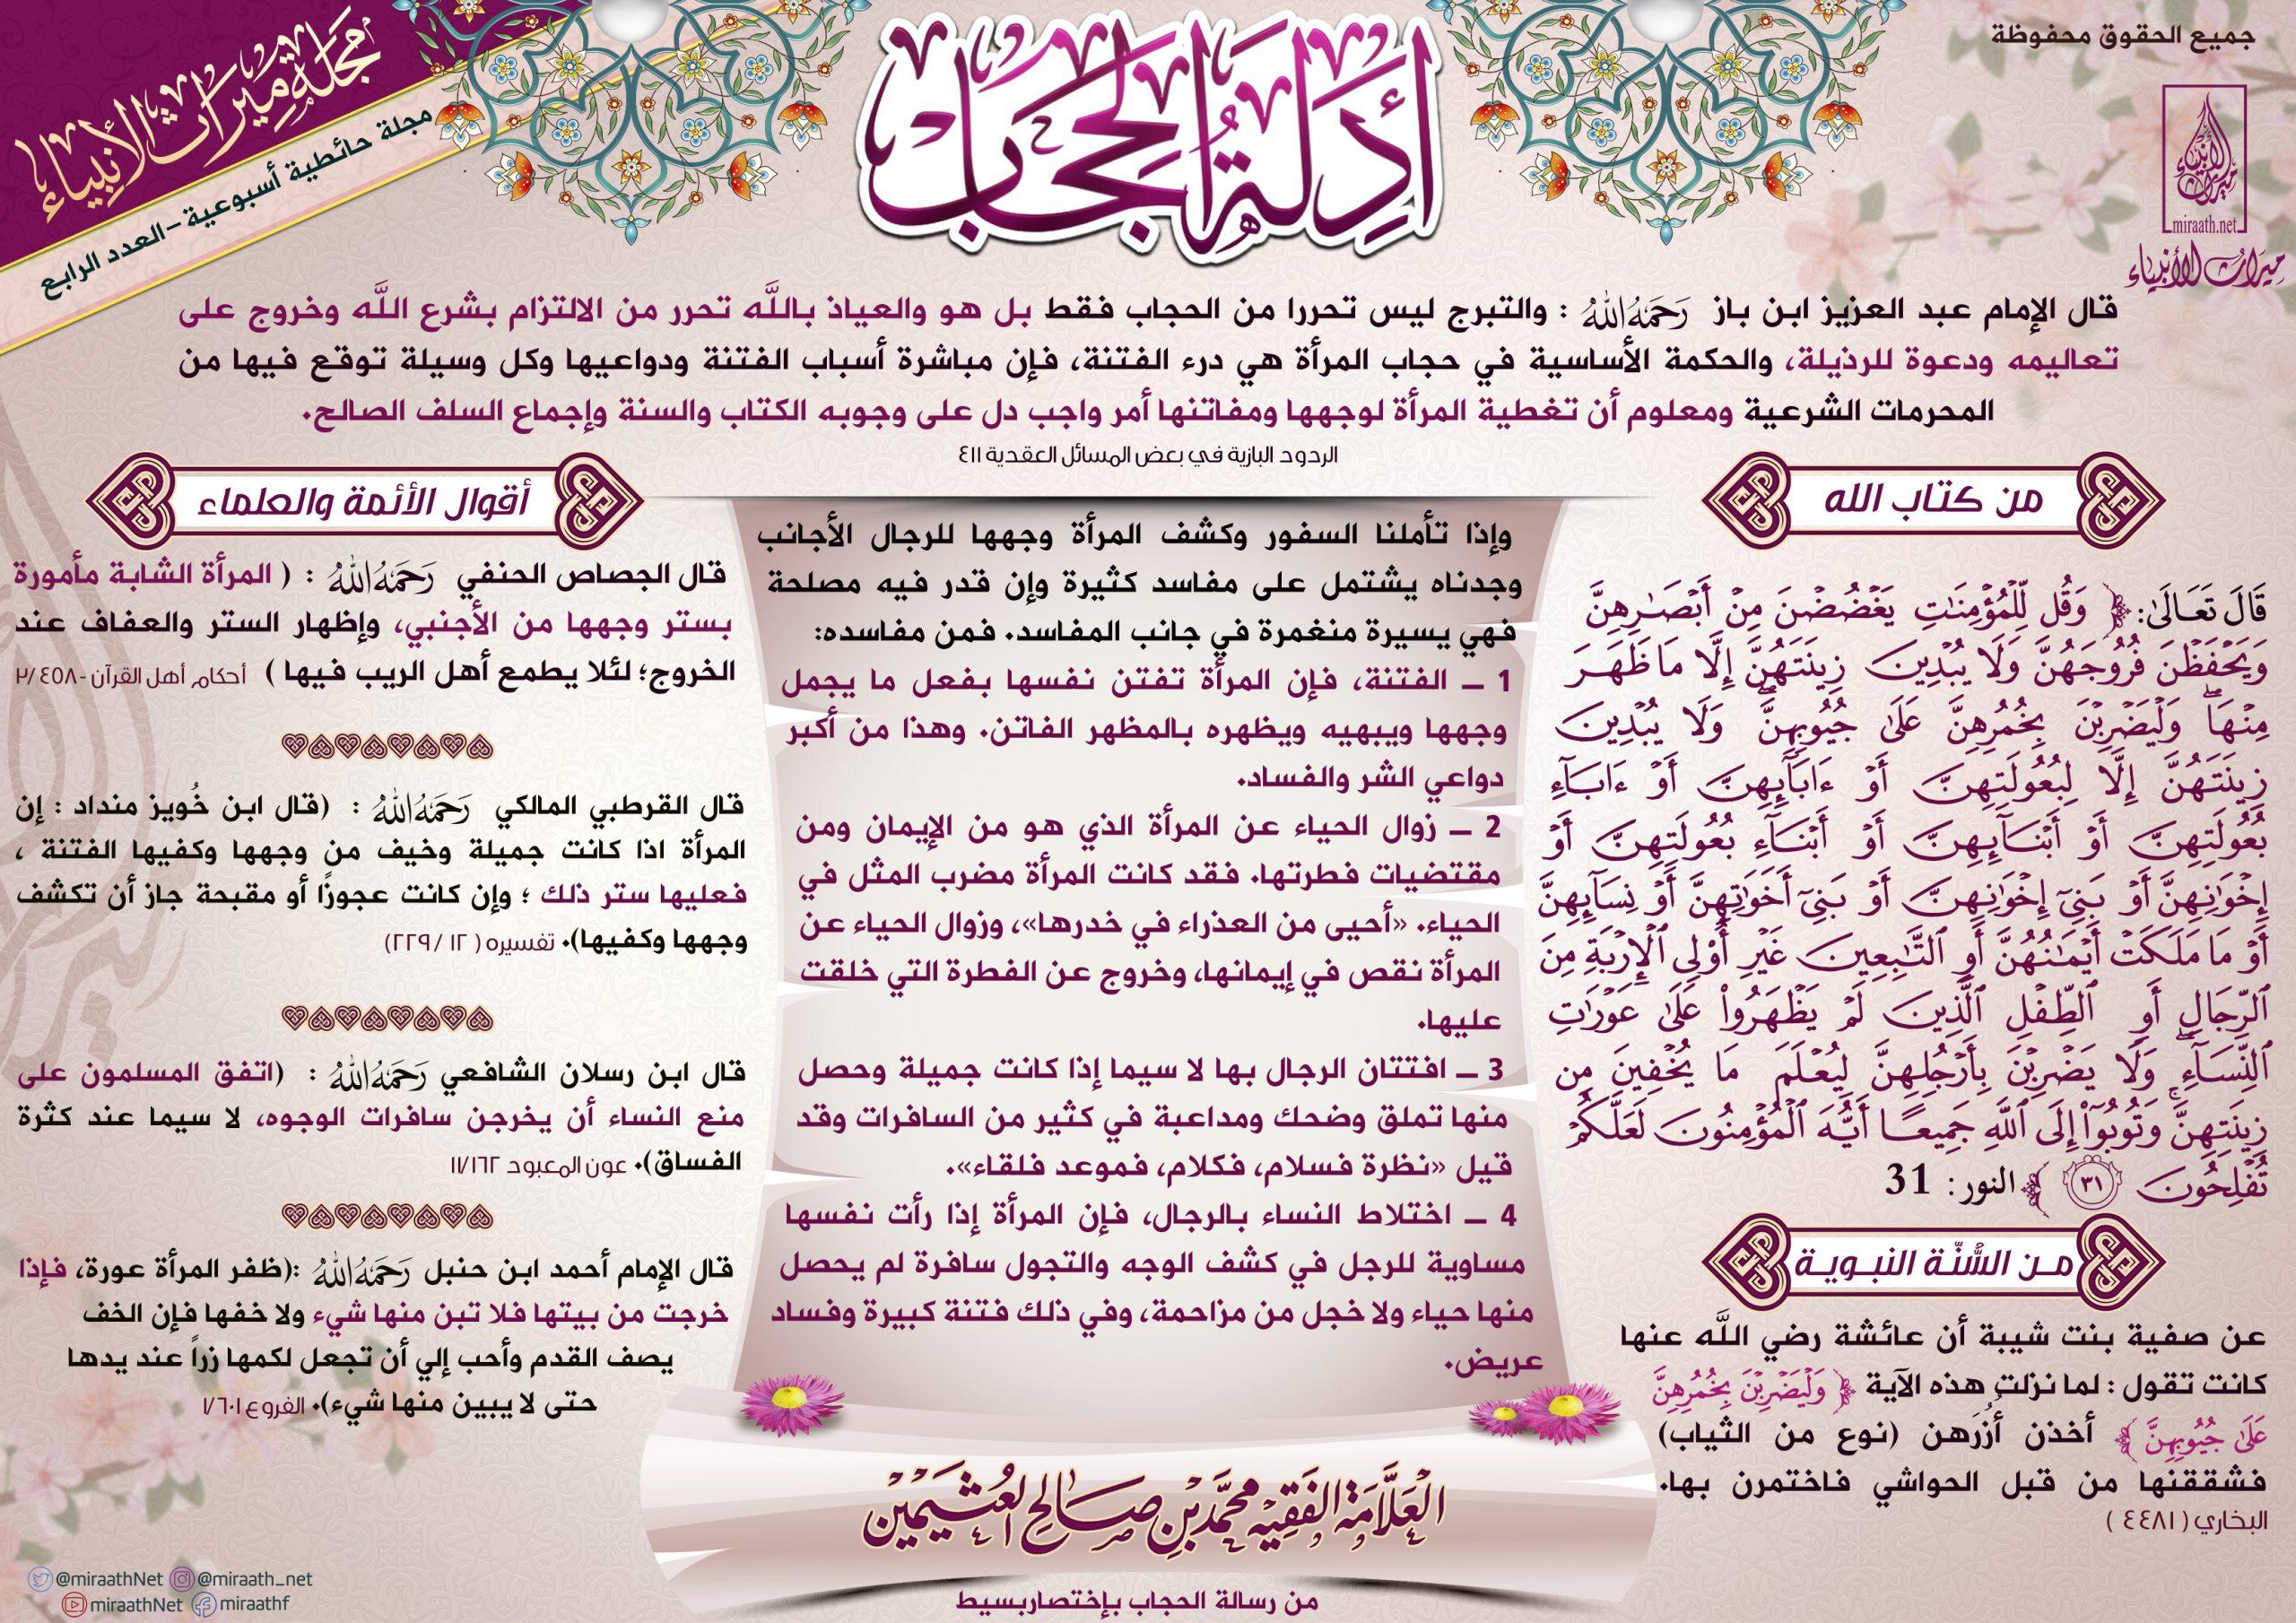 [ المجلات ] أدلة الحجاب , المجلة الرابعة